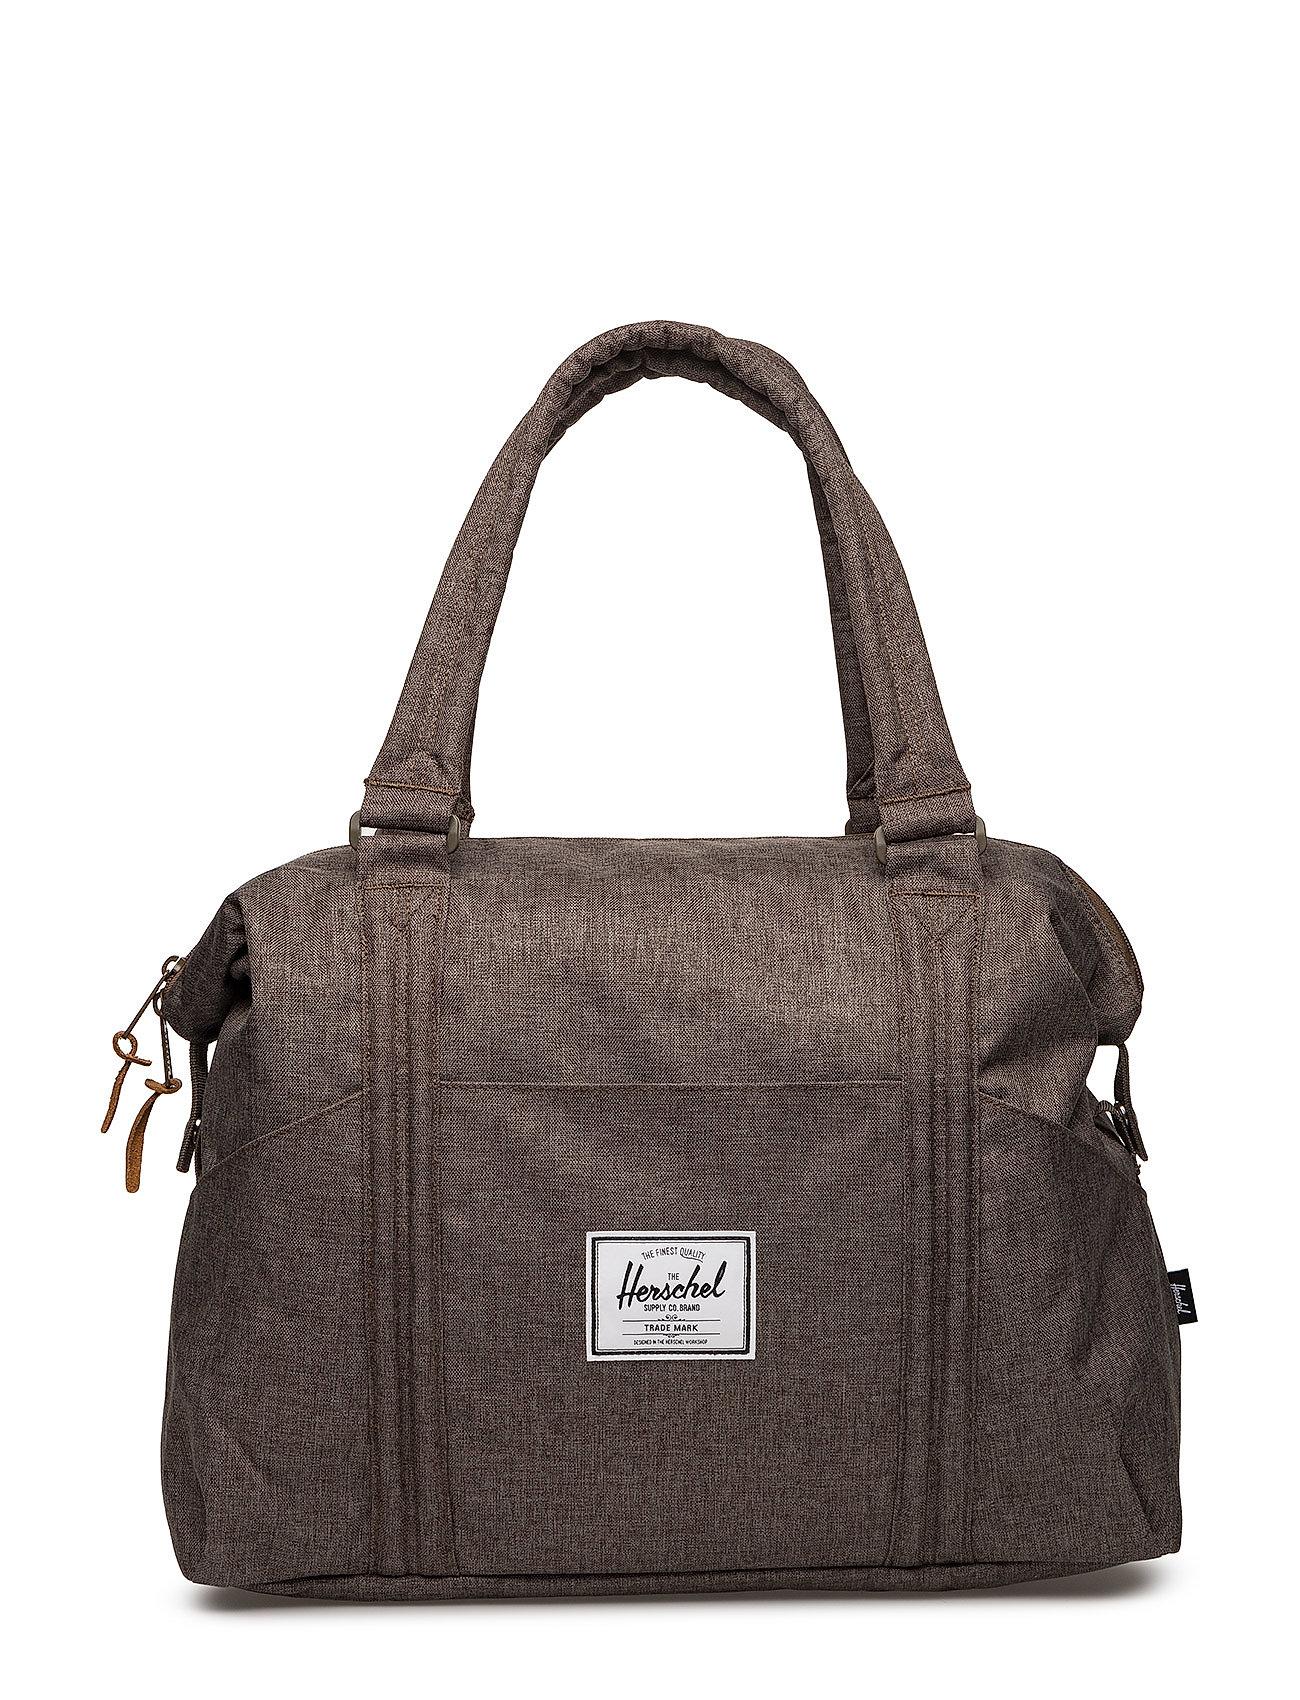 Herschel Strand duffle bag - CANTEEN CROSSHATCH